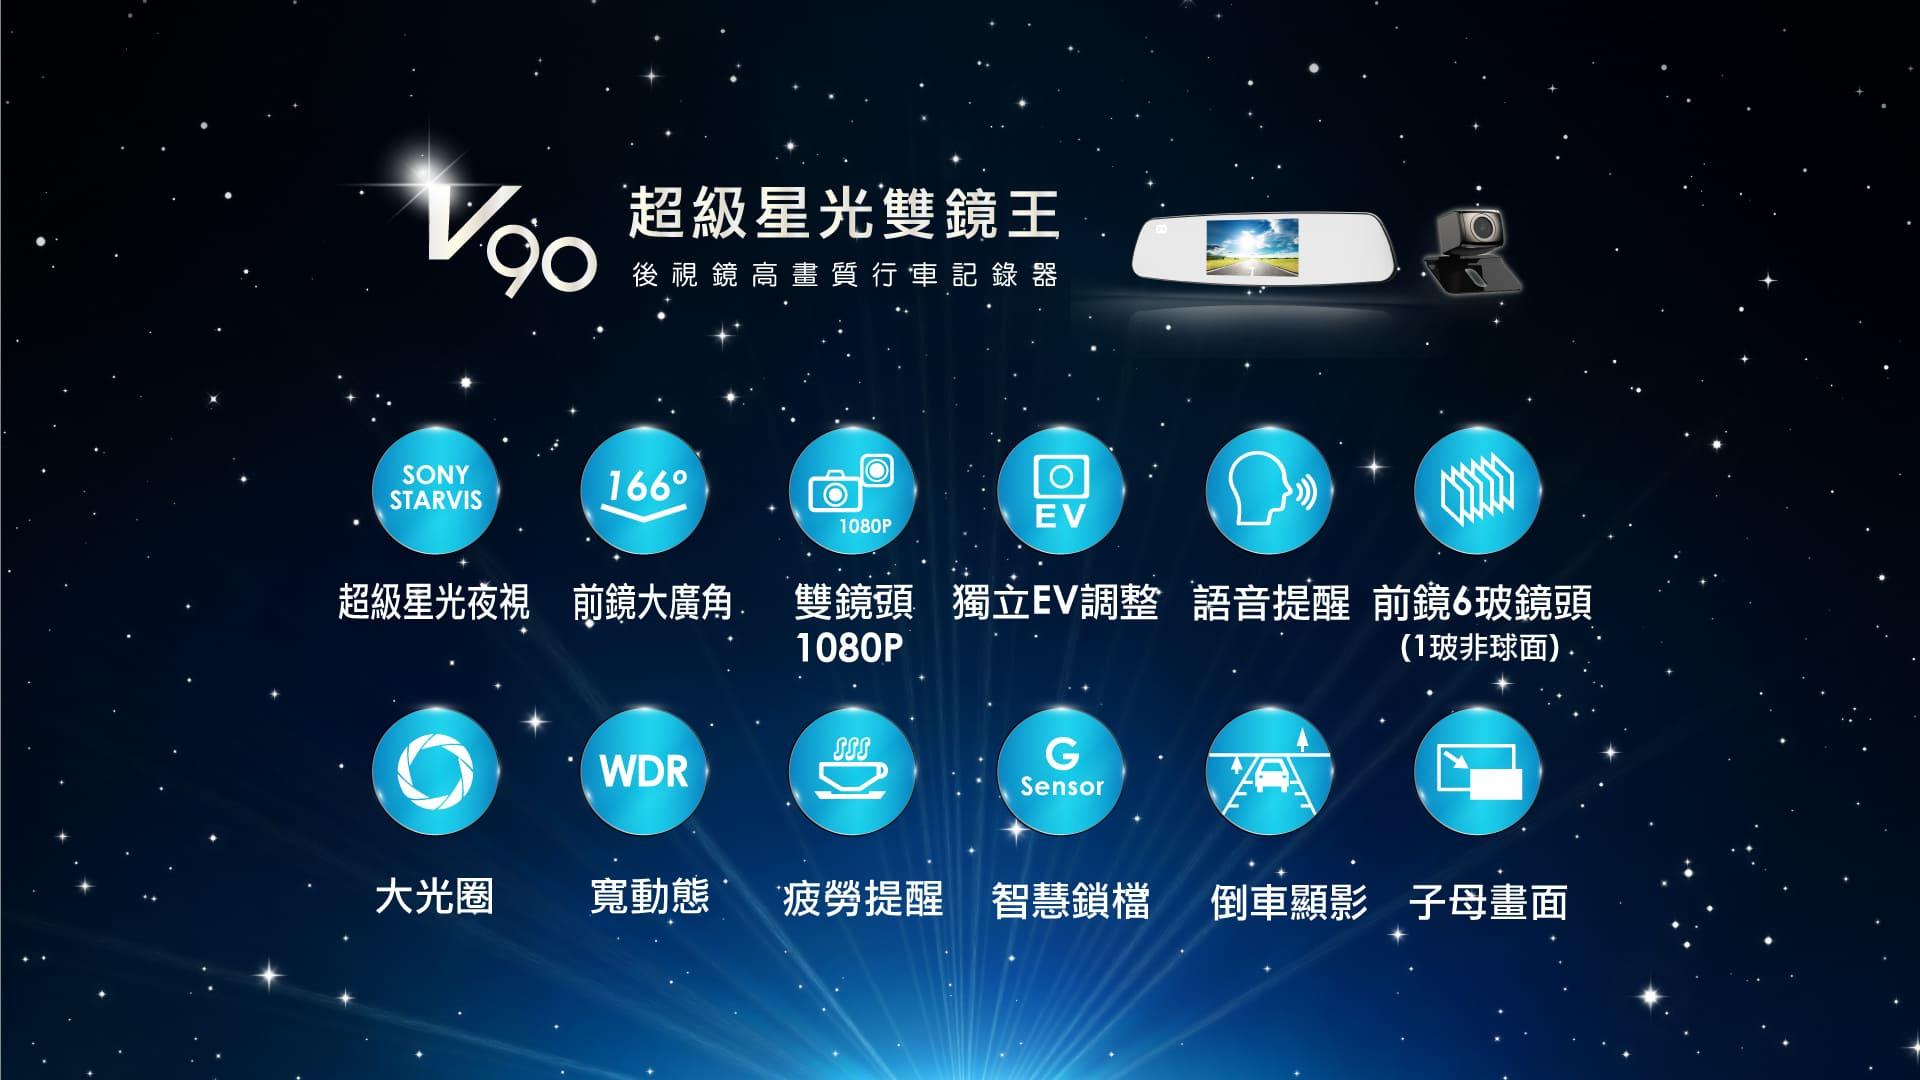 proimages/product/Dash_Cam/V90/V90-0928_00.jpg